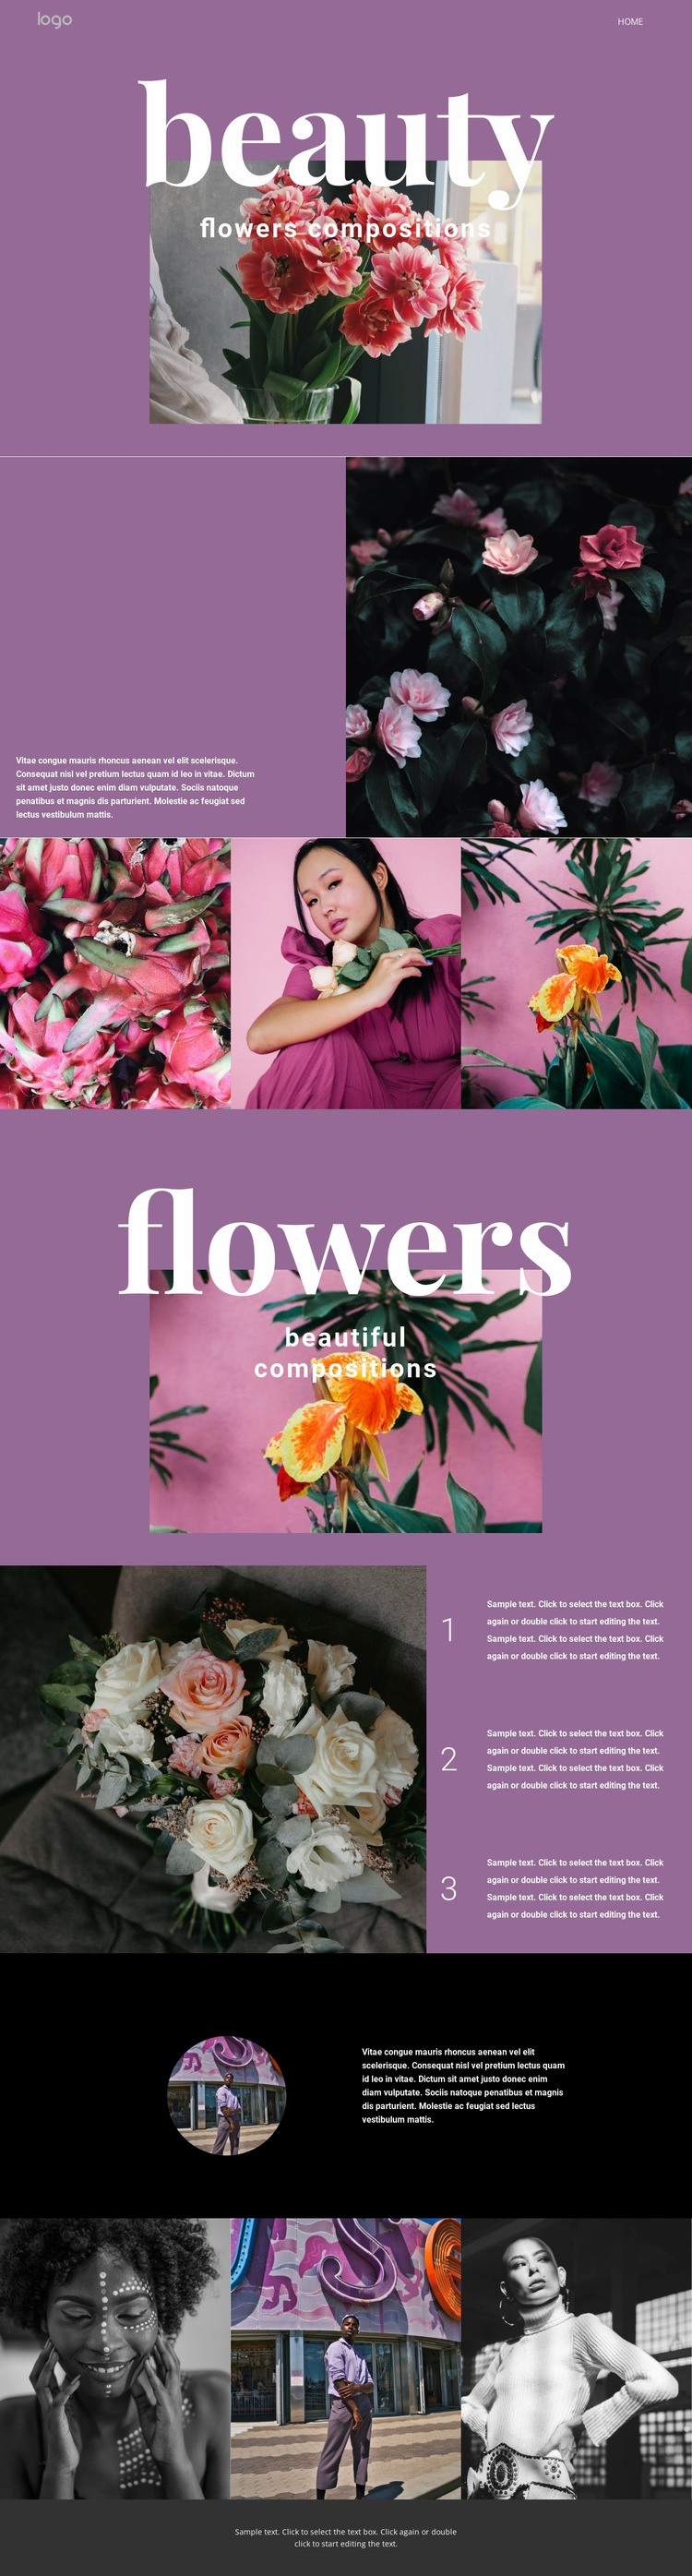 Flower salon Web Page Design